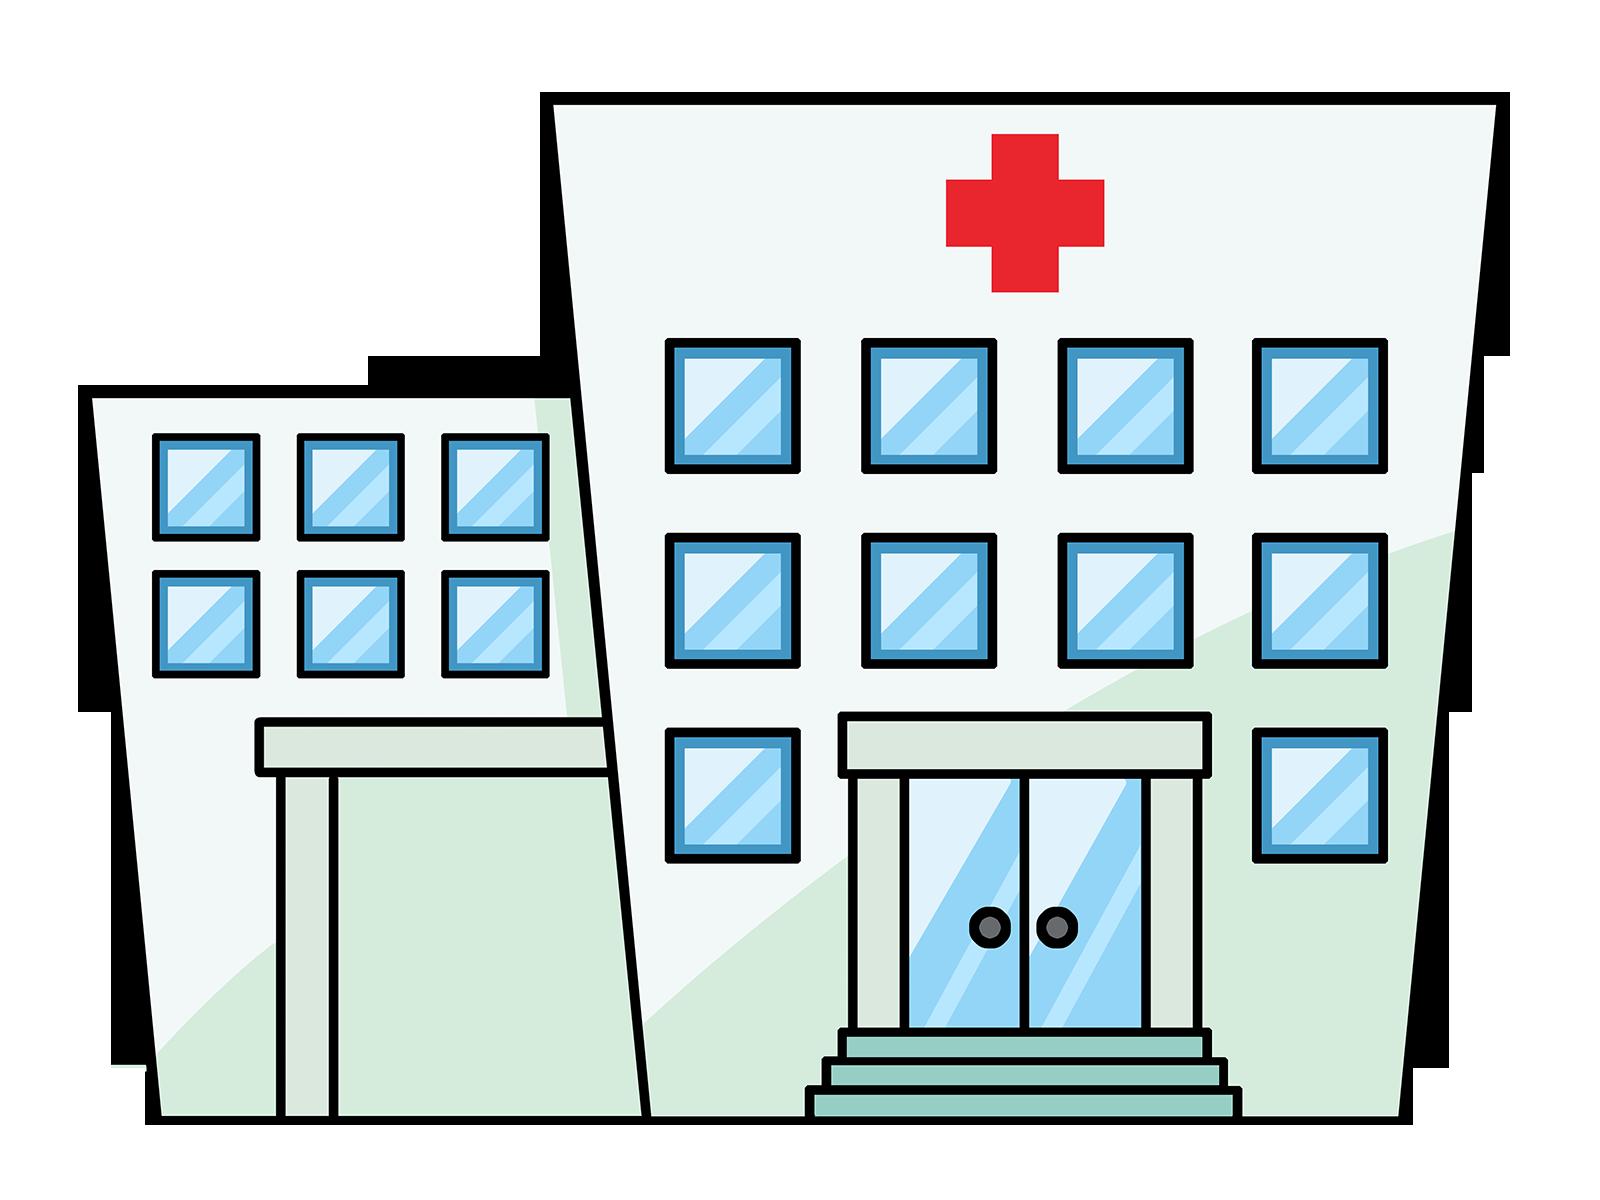 रामपुरमा पचास शय्याको अस्पताल बन्दै